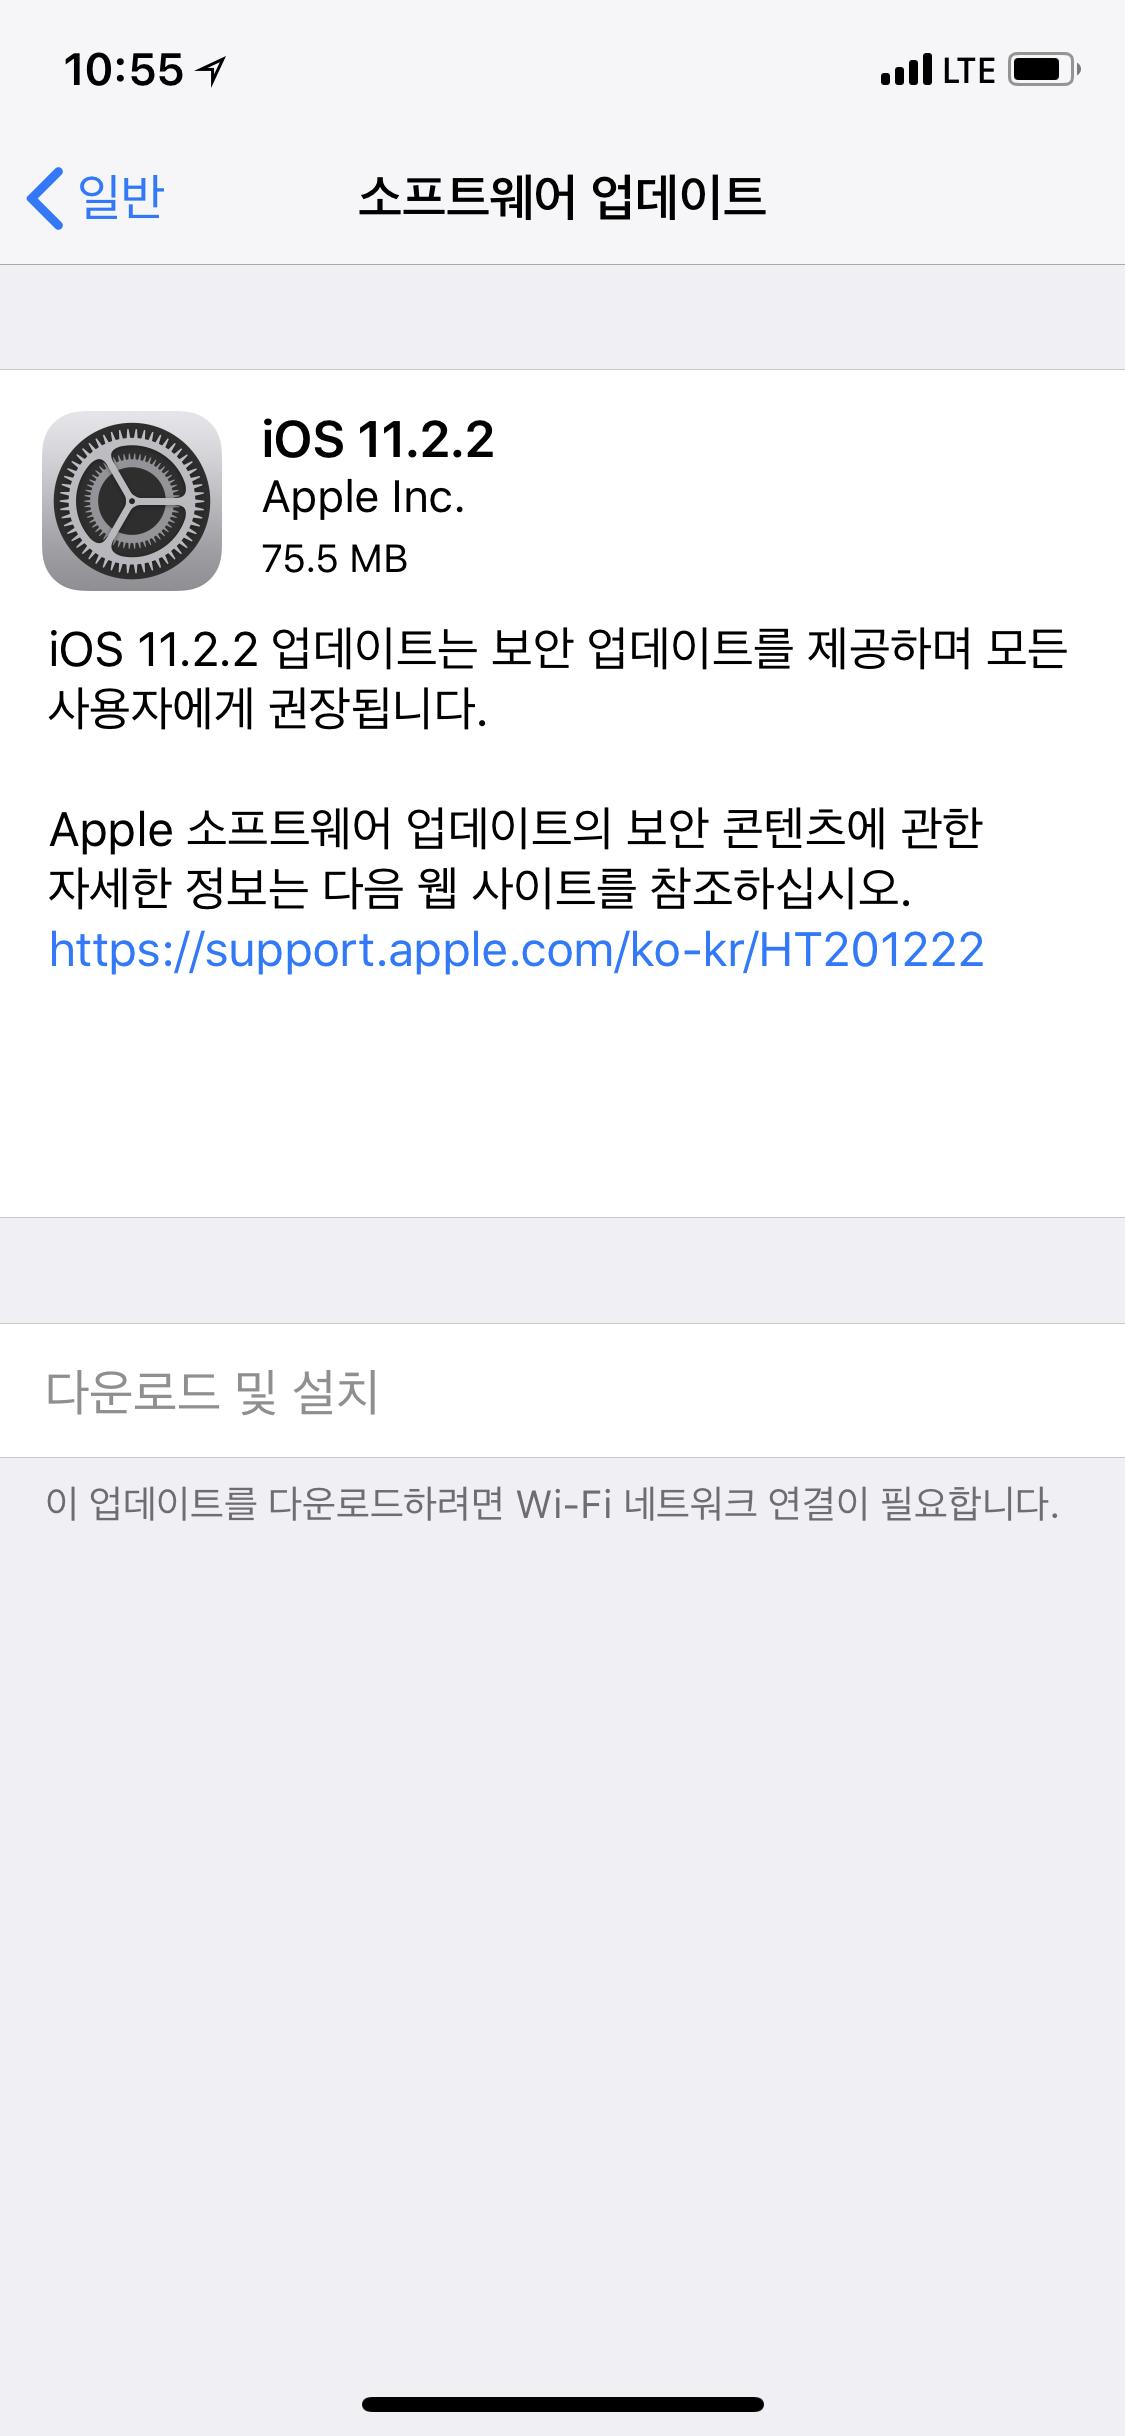 iOS 11.2.2 업데이트 시작